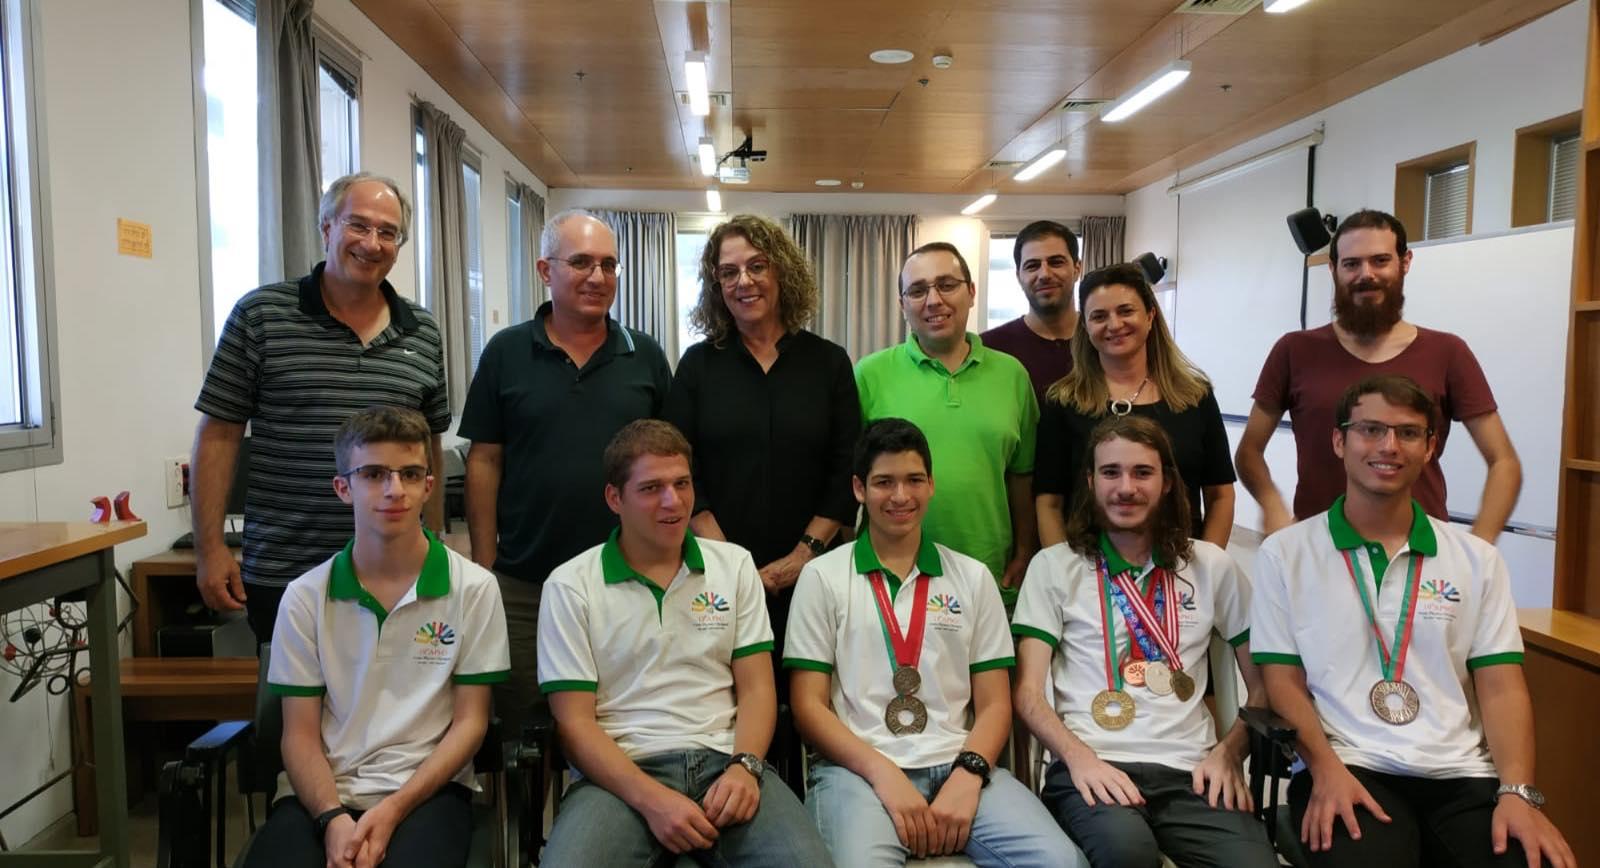 Ben-Gurion University of the Negev - Jusidman Student Physics Team